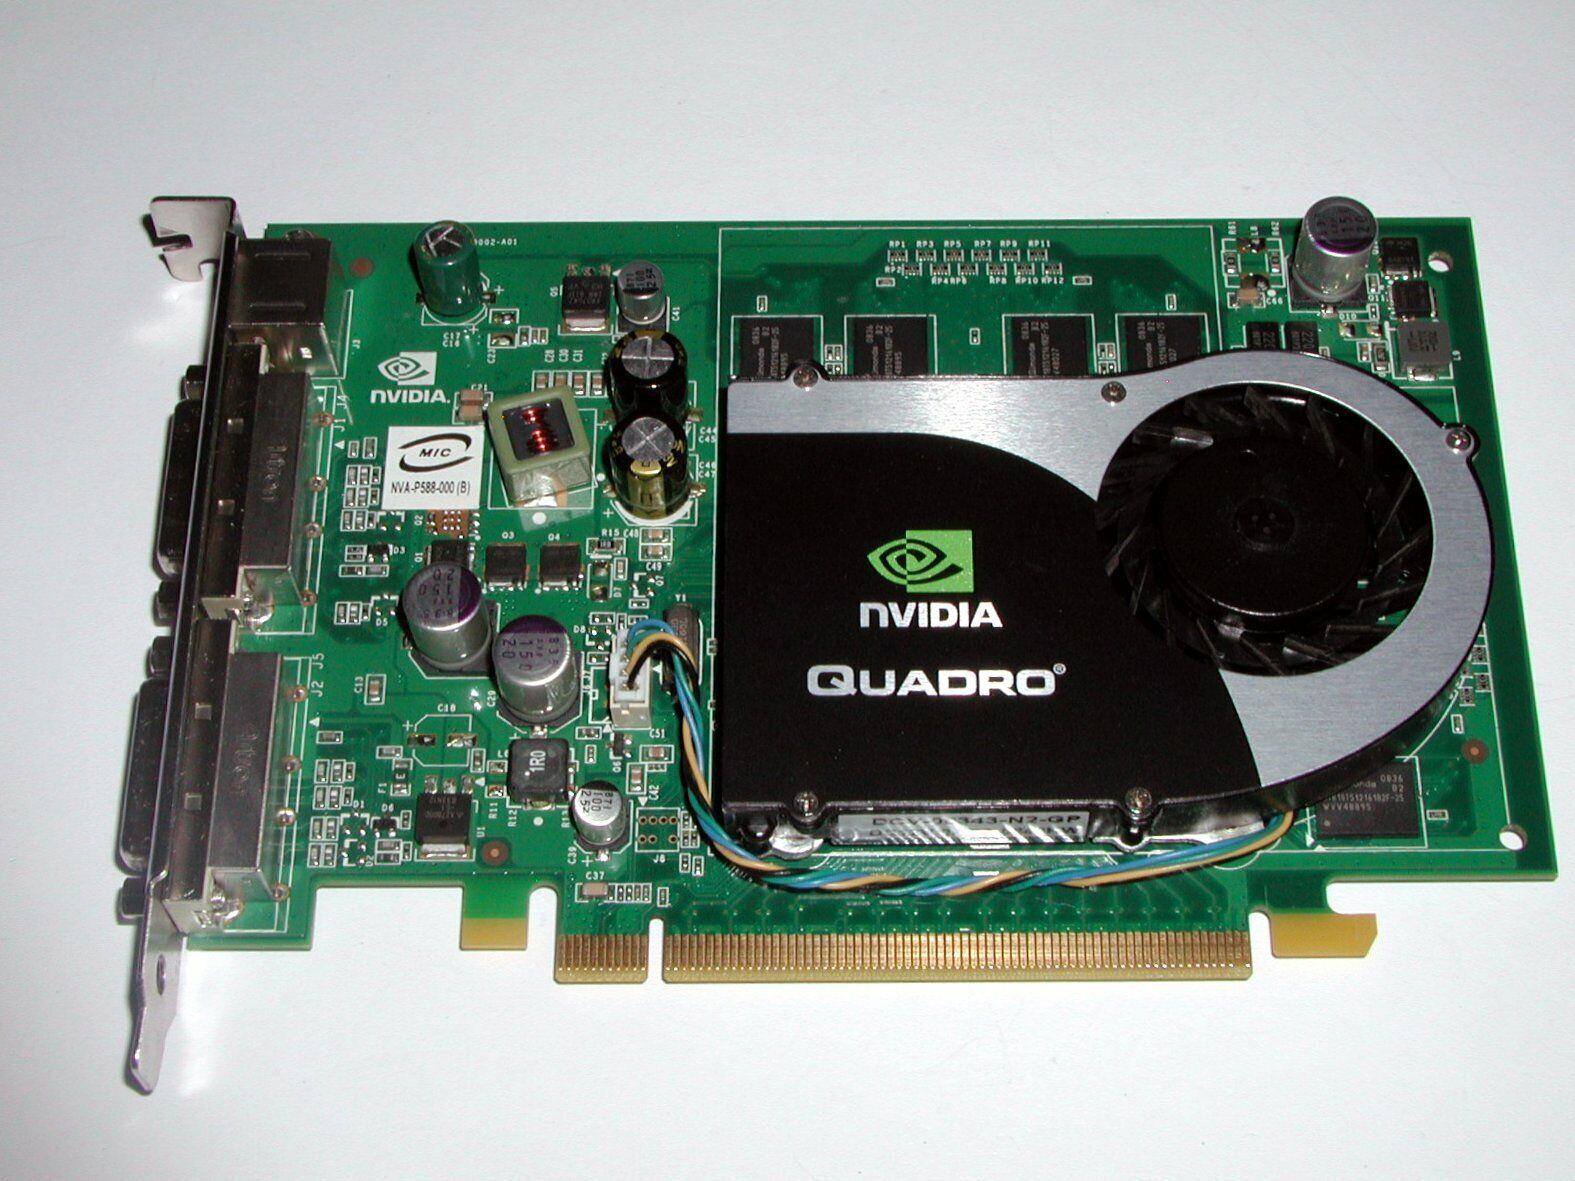 PCIe x16 Grafikkarte nVidia Quadro FX1700, 512 MByte DDR2, 2x DVI TV, gebraucht